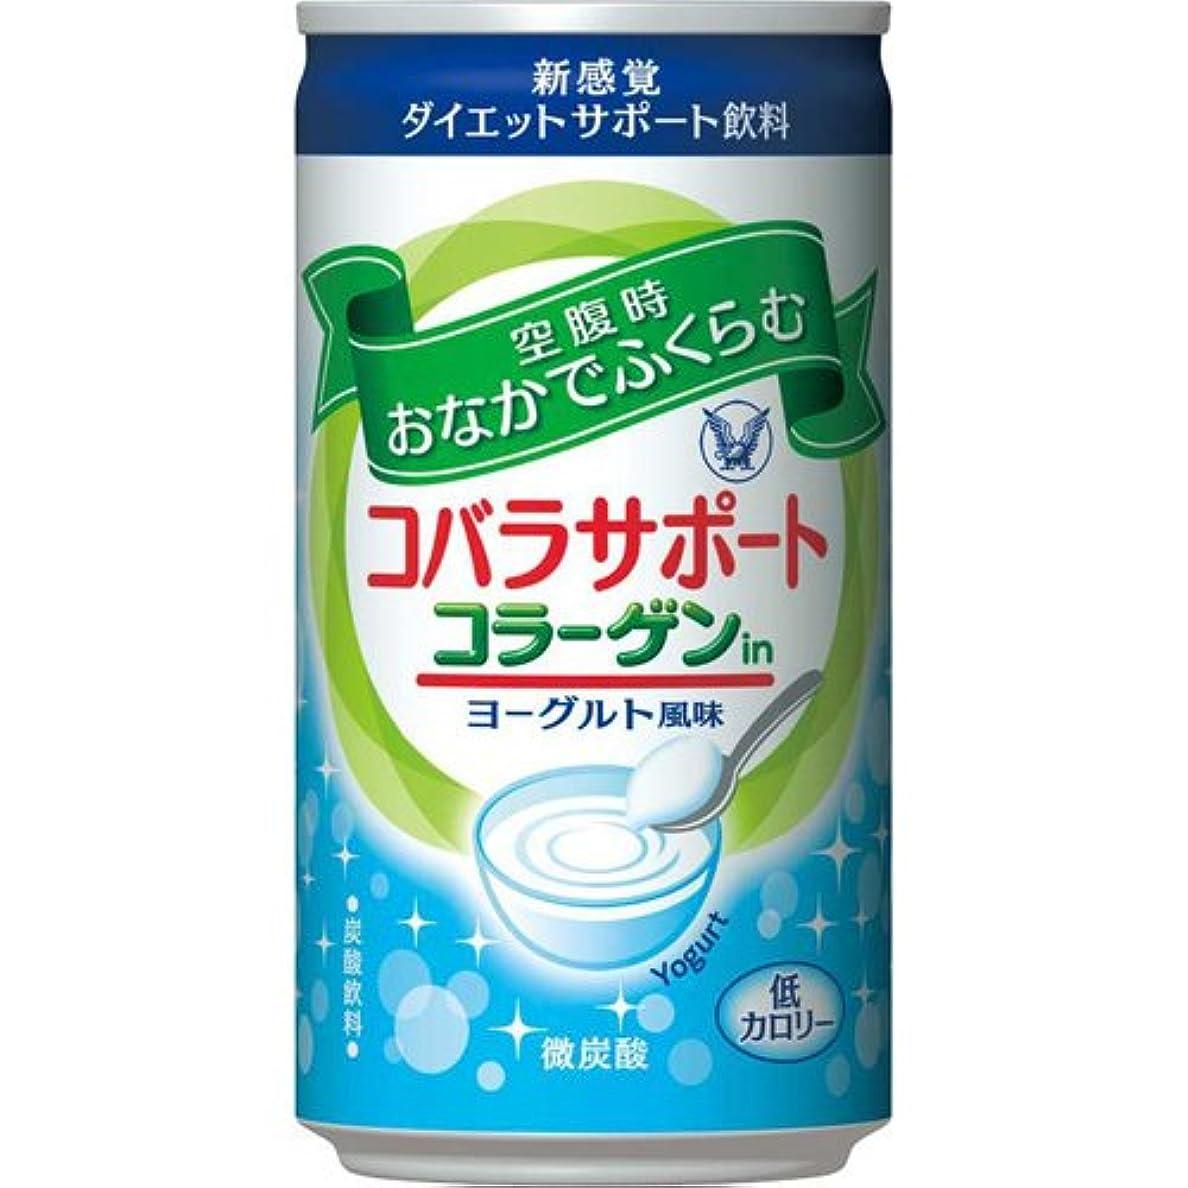 インカ帝国なる池大正製薬 コバラサポート コラーゲンinヨーグルト風味 1缶